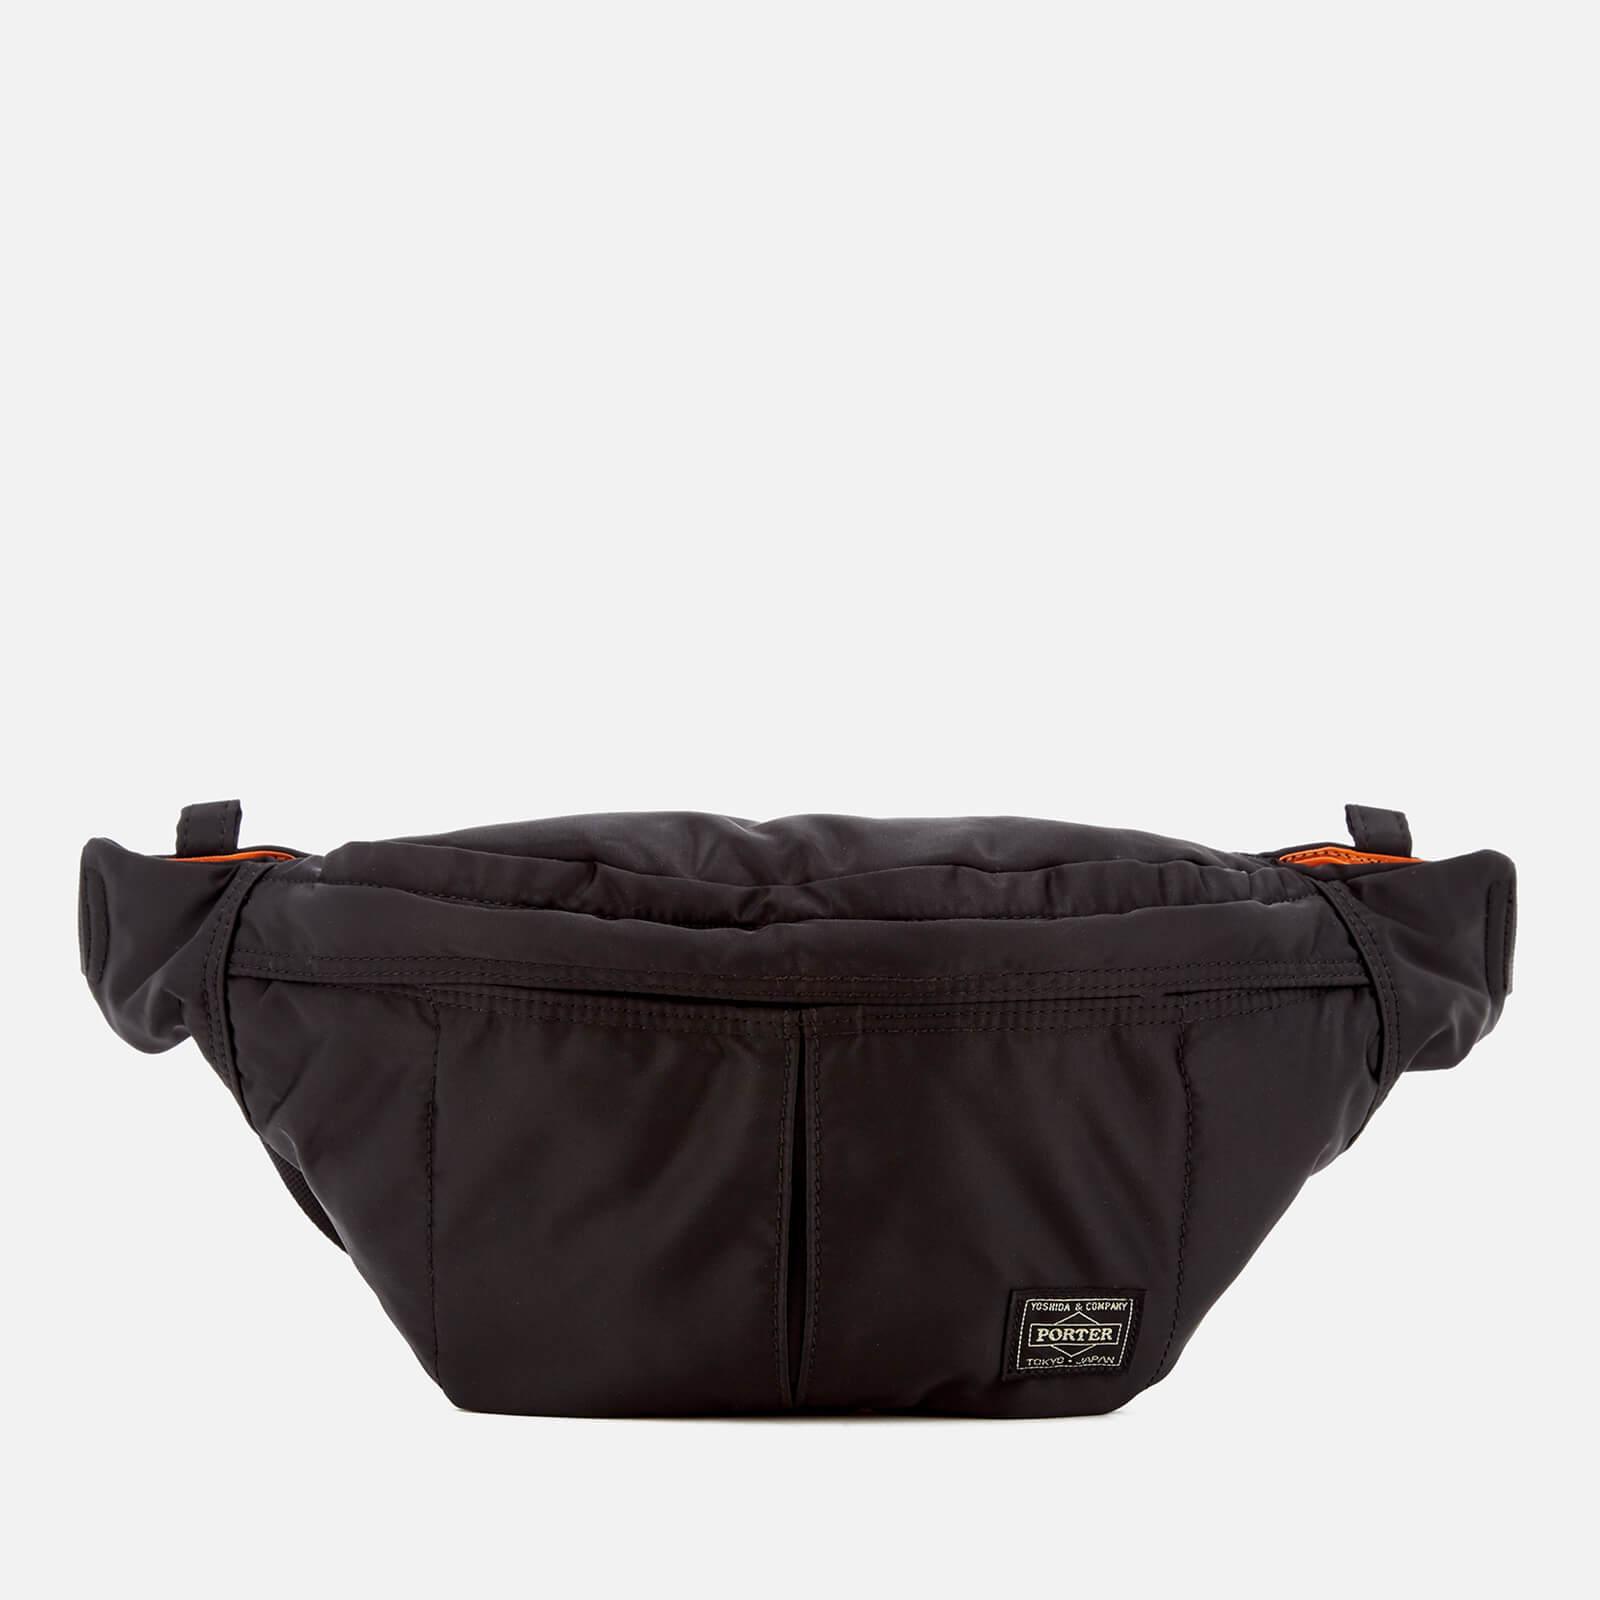 a958c0afd3 Men s Tanker Waist Bag - Black Porter-Yoshida   Co. Men s Tanker Waist Bag  - Black